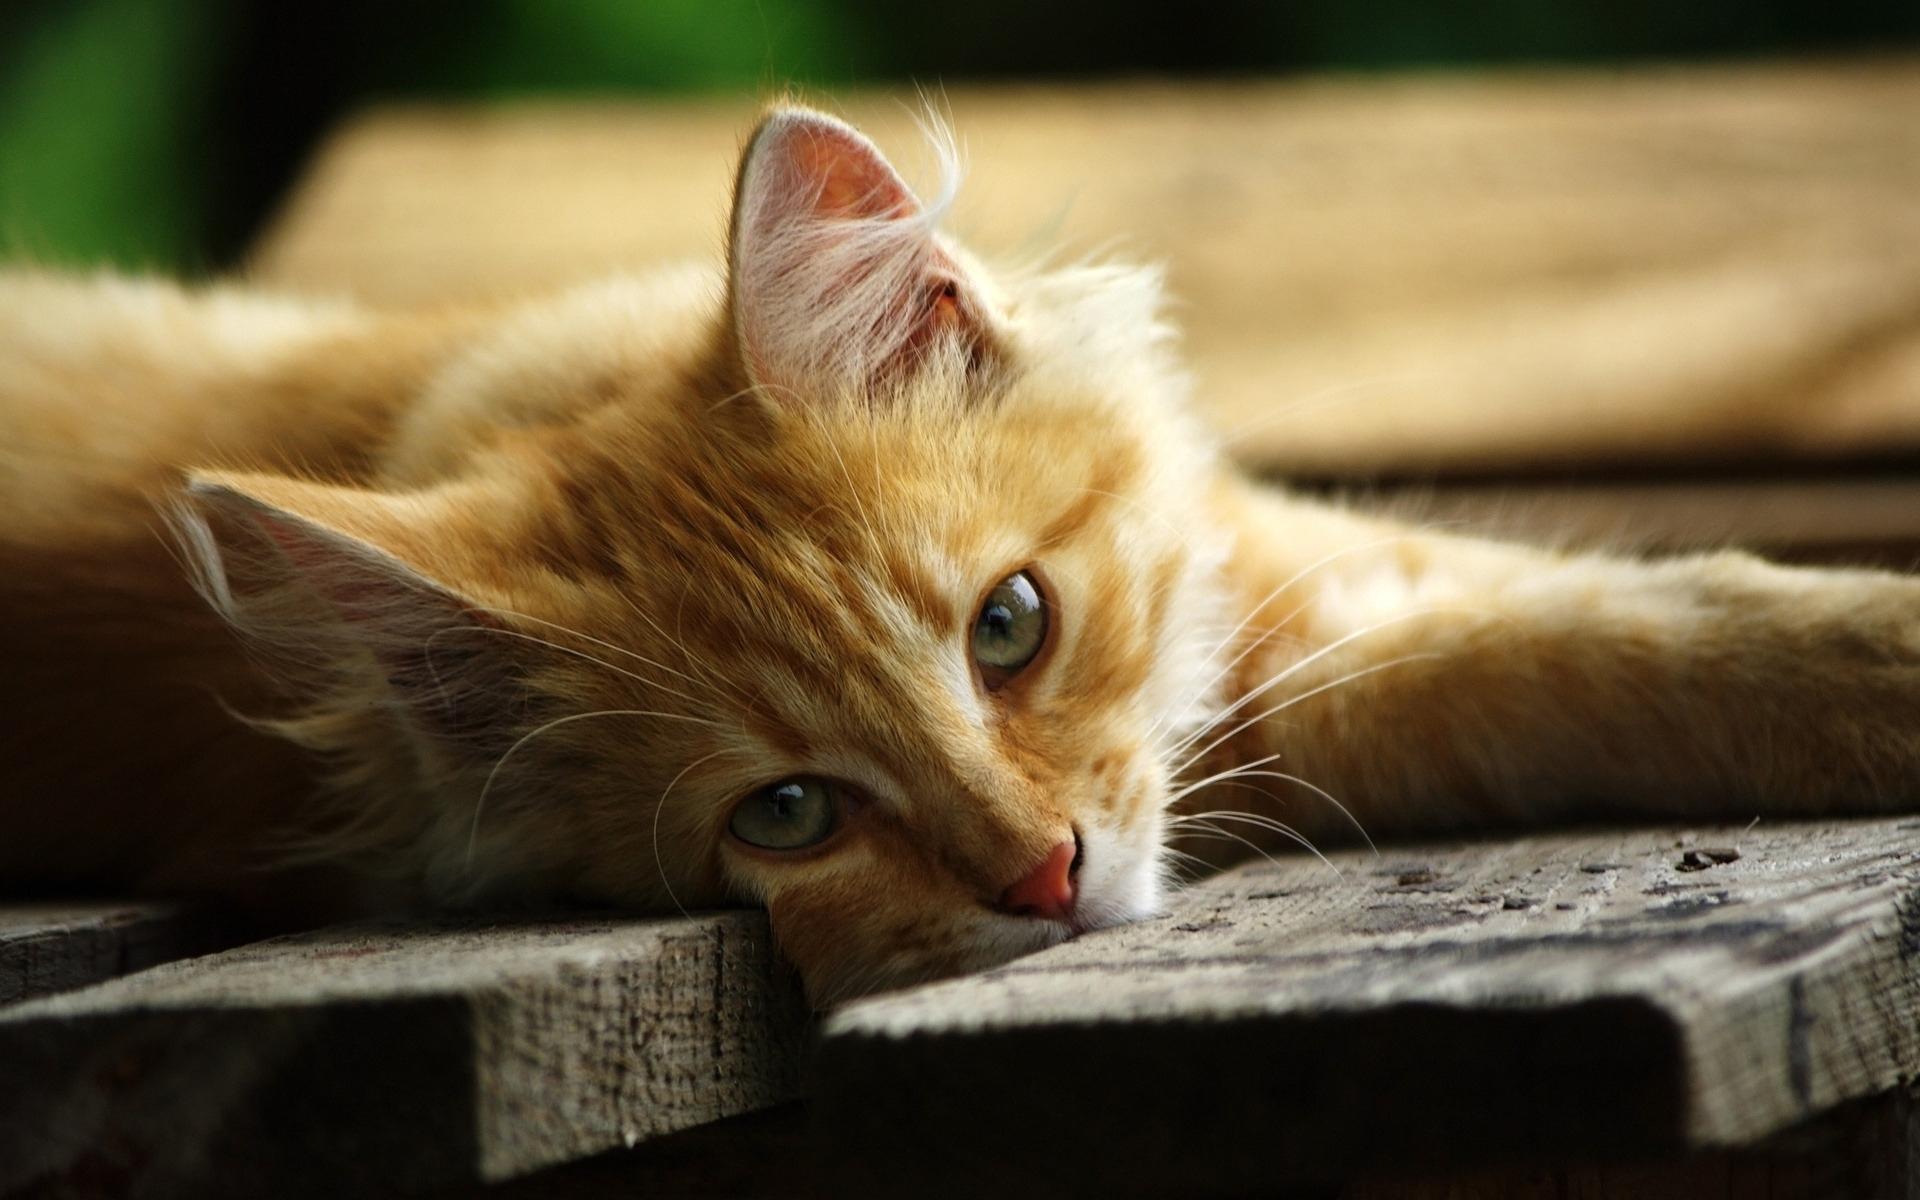 31950 обои 720x1520 на телефон бесплатно, скачать картинки Кошки (Коты, Котики), Животные 720x1520 на мобильный